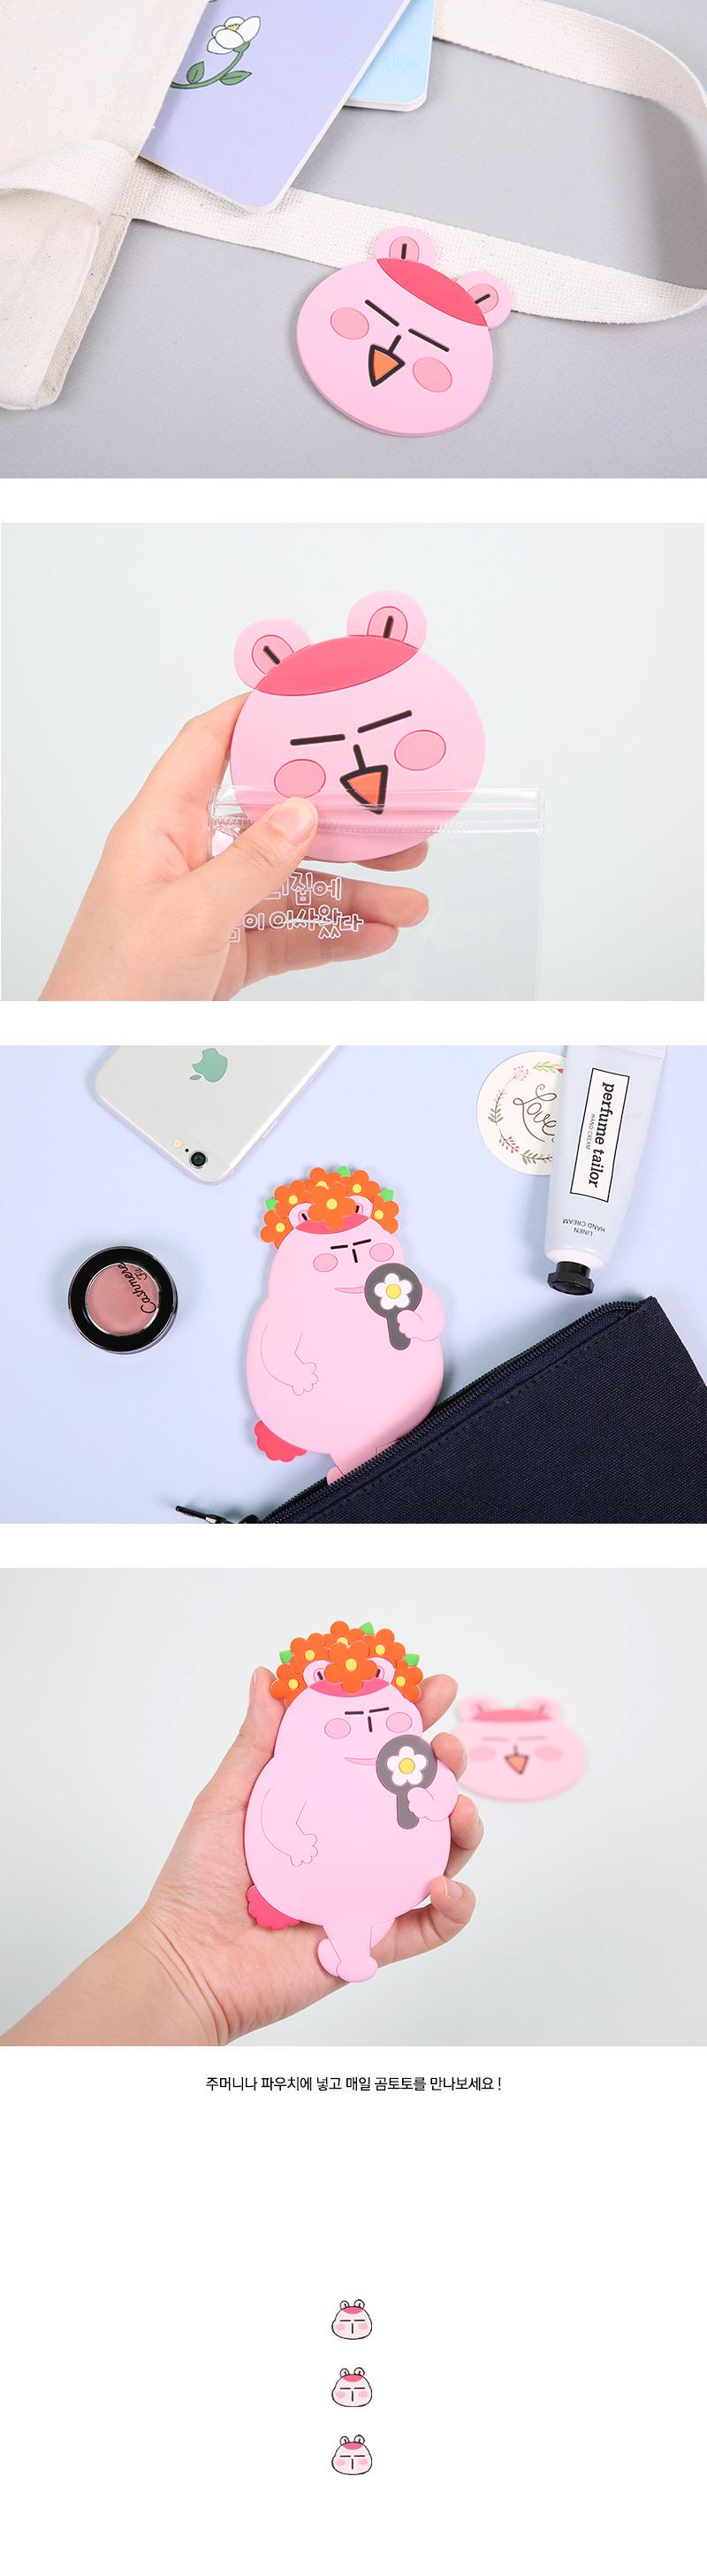 곰토토 손거울 - 위시, 7,840원, 도구, 거울